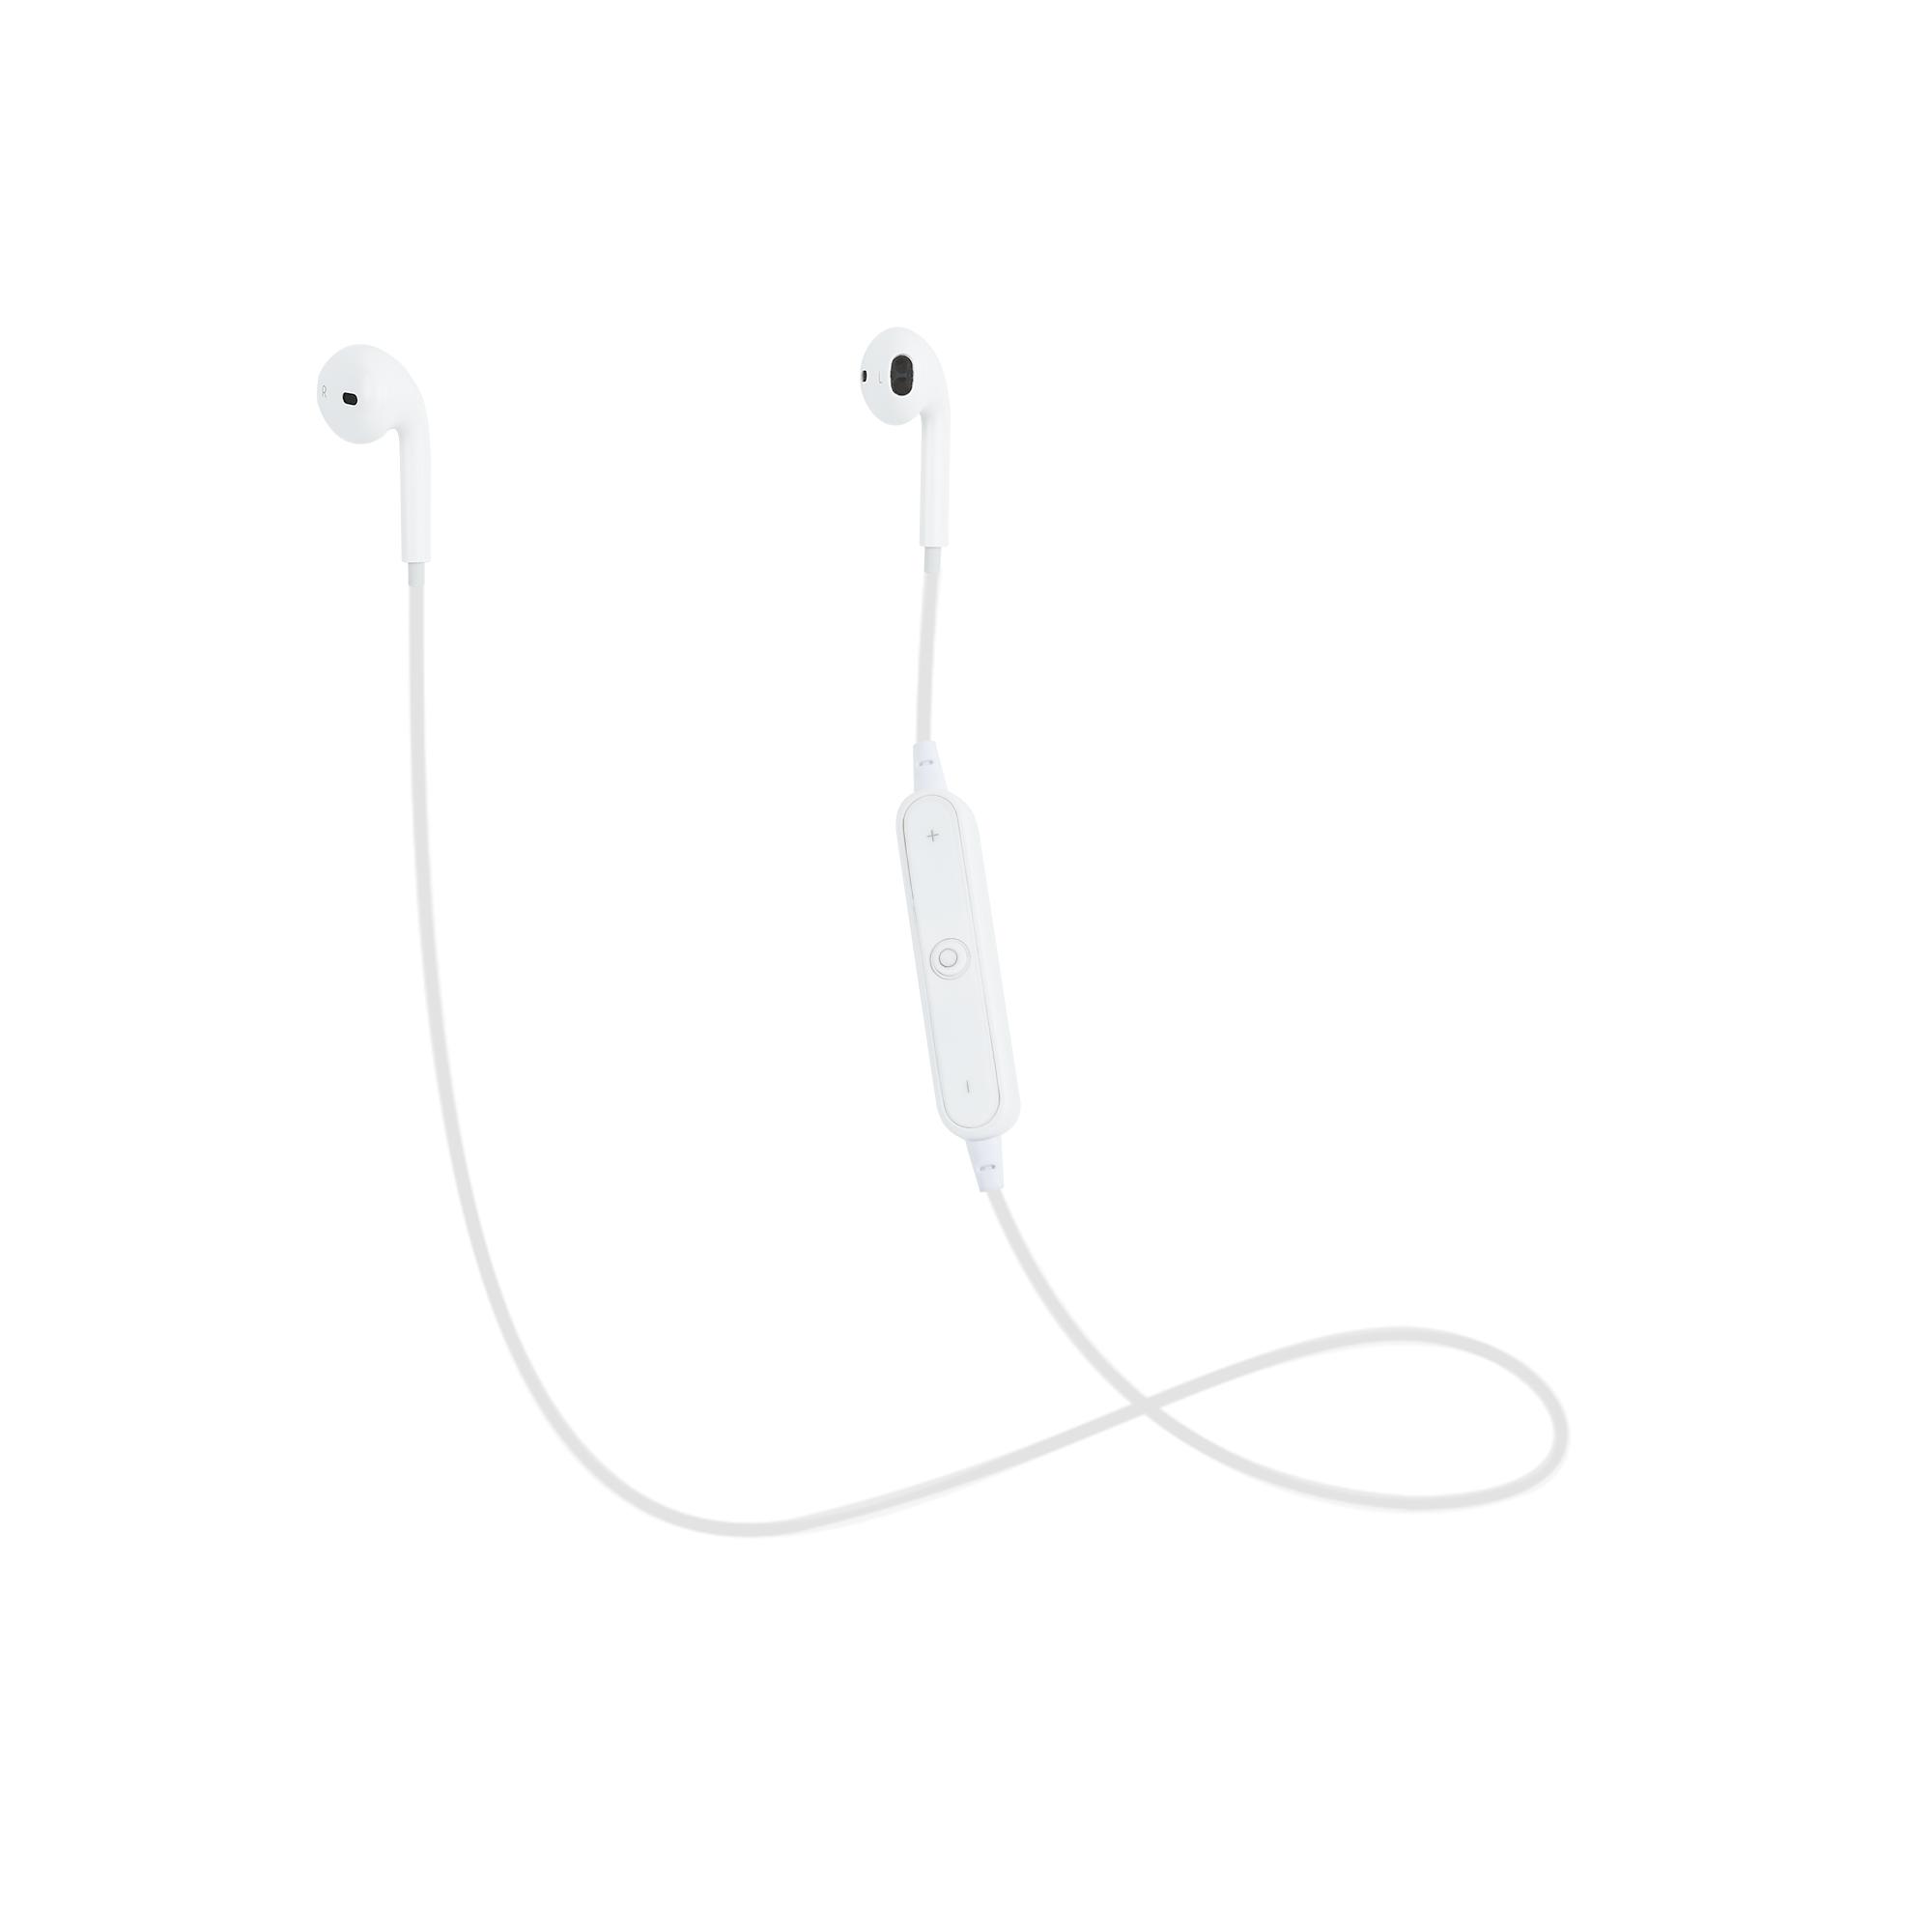 Trådlösa Bluetooth Stereo In-Ear Hörlurar